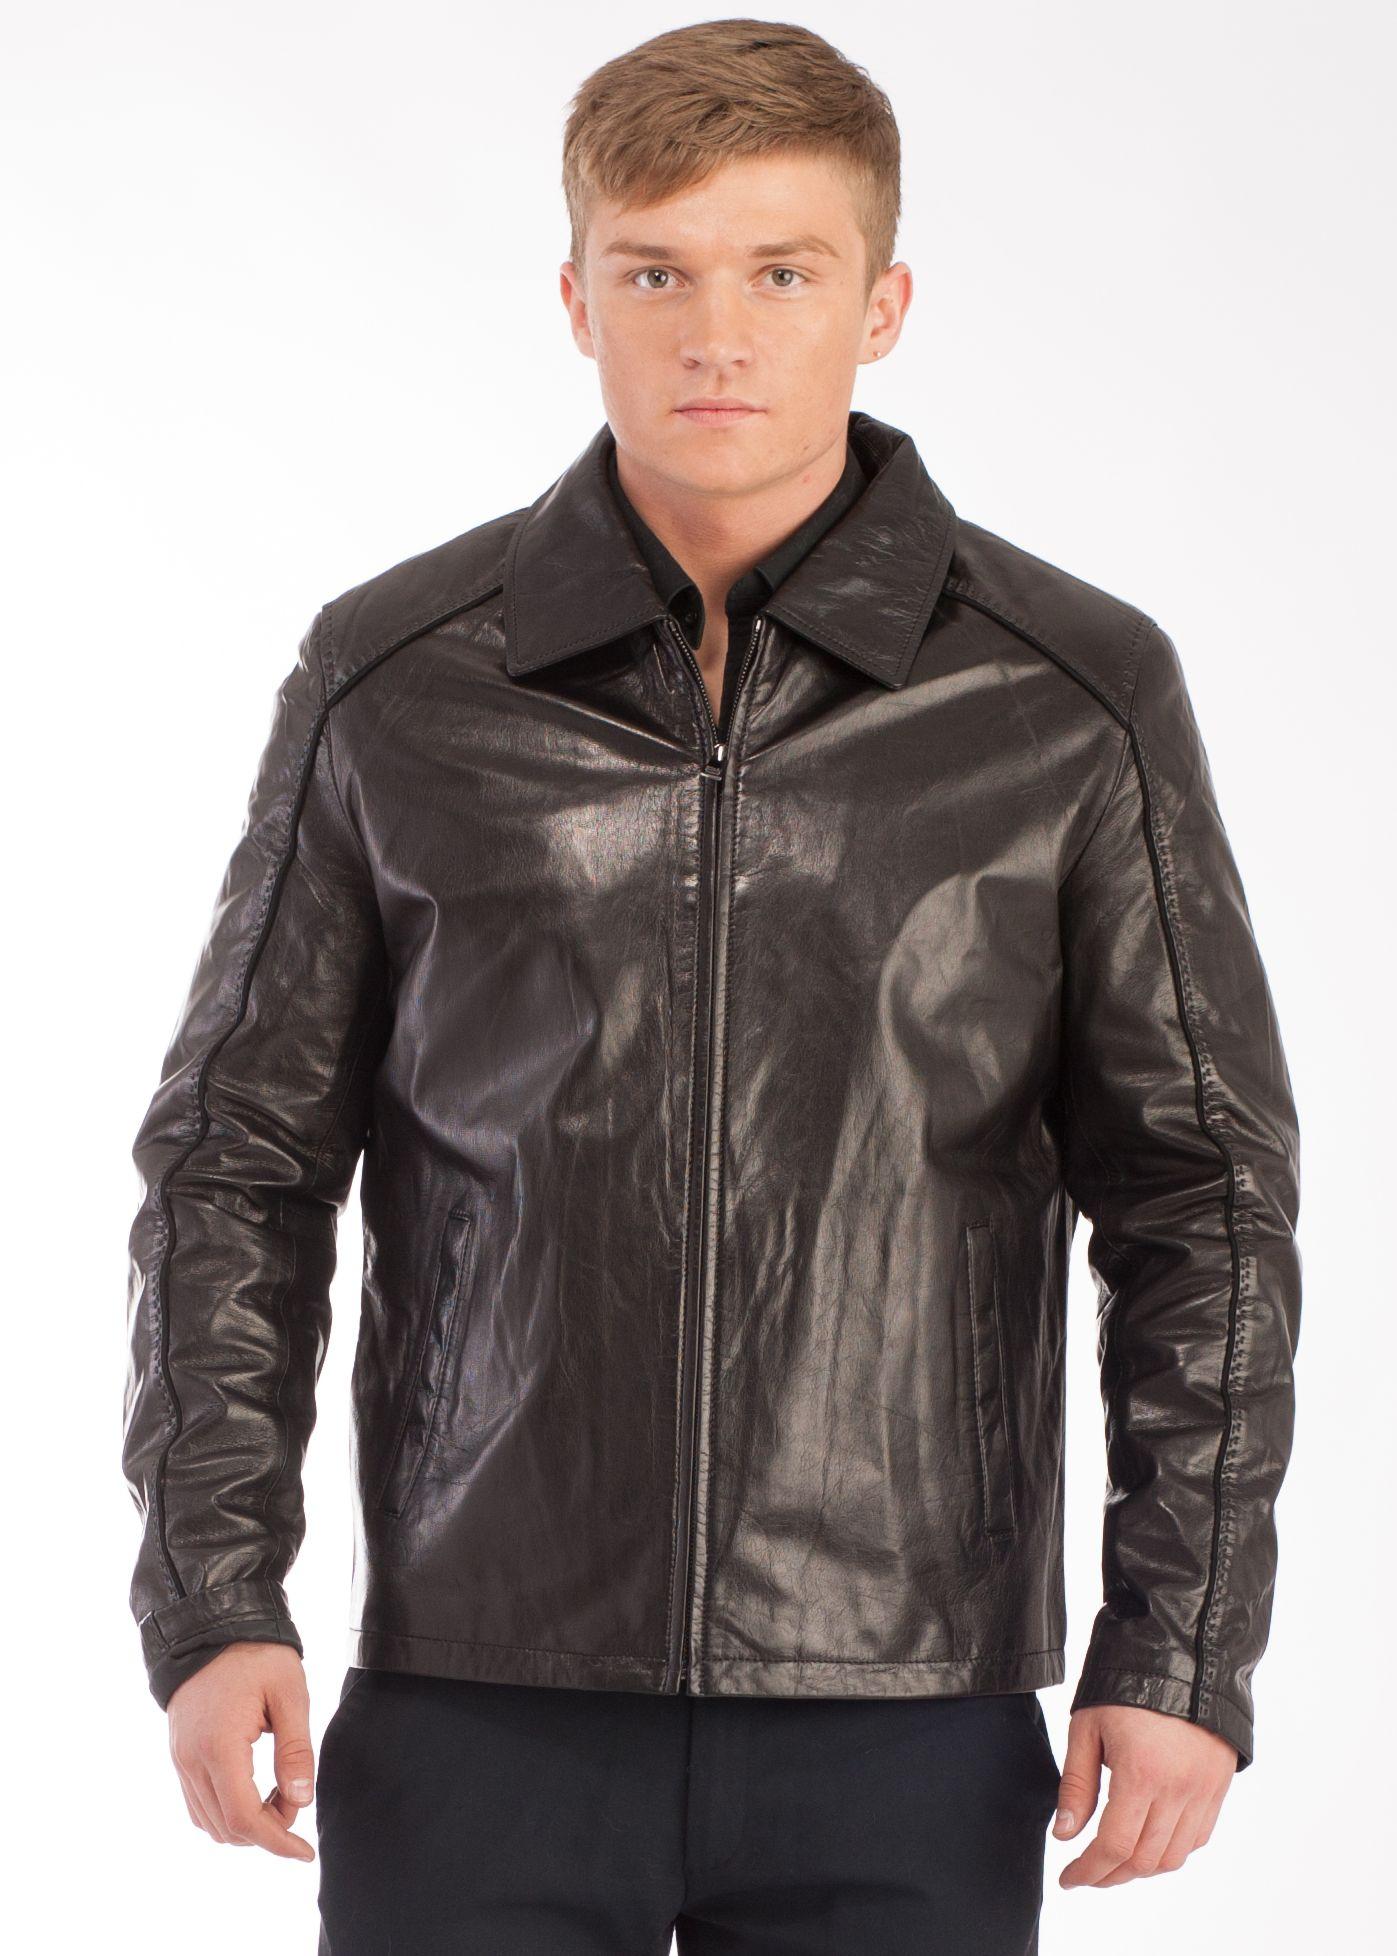 Купить Недорогую Мужскую Куртку На Осень